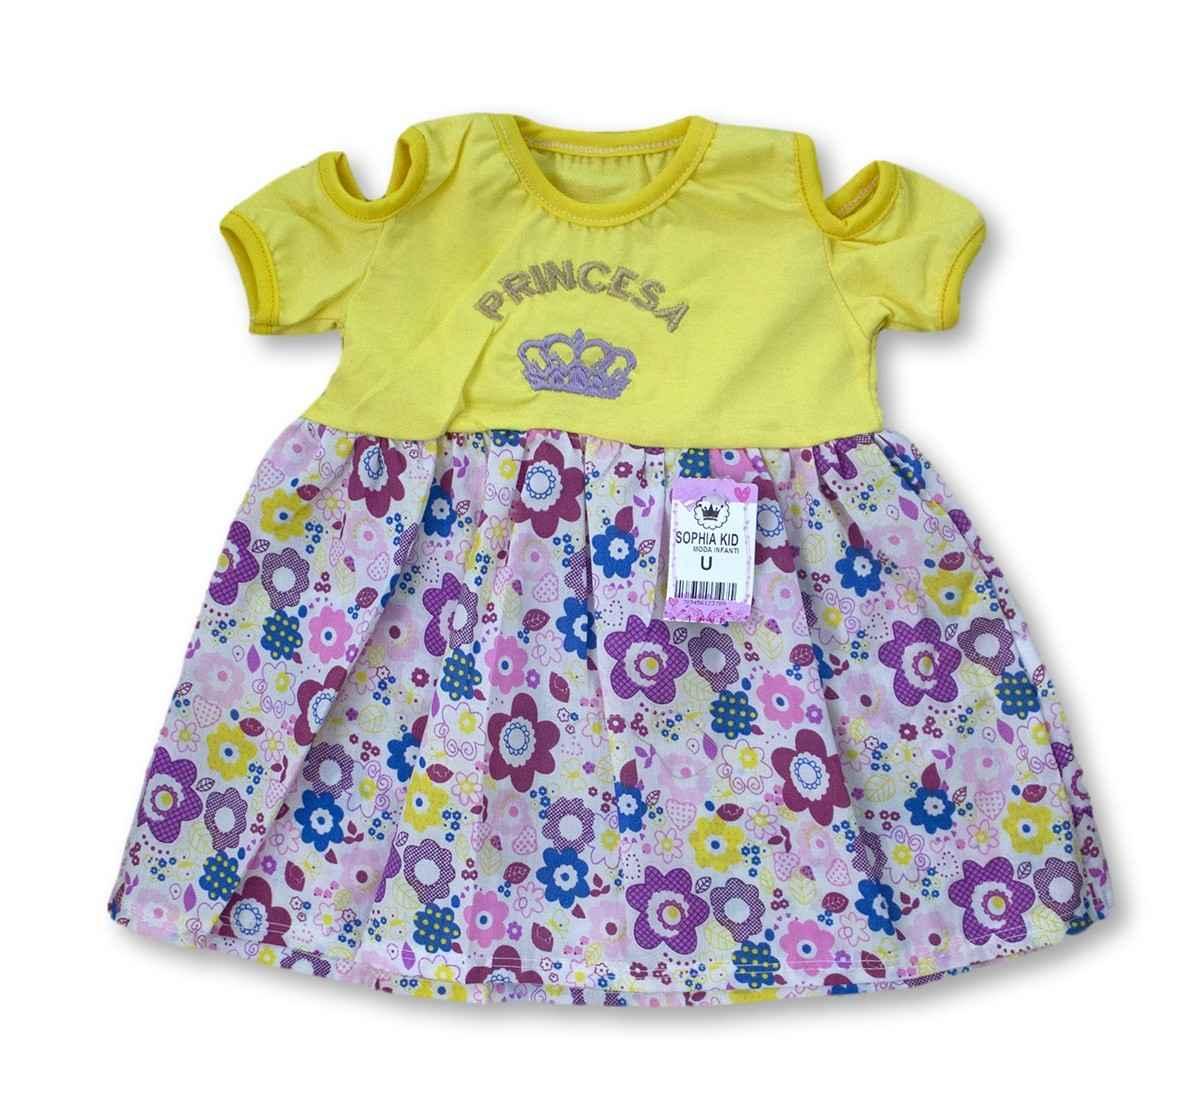 Vestido Bebê Recém Nascido Feminino Menina Cod 9057